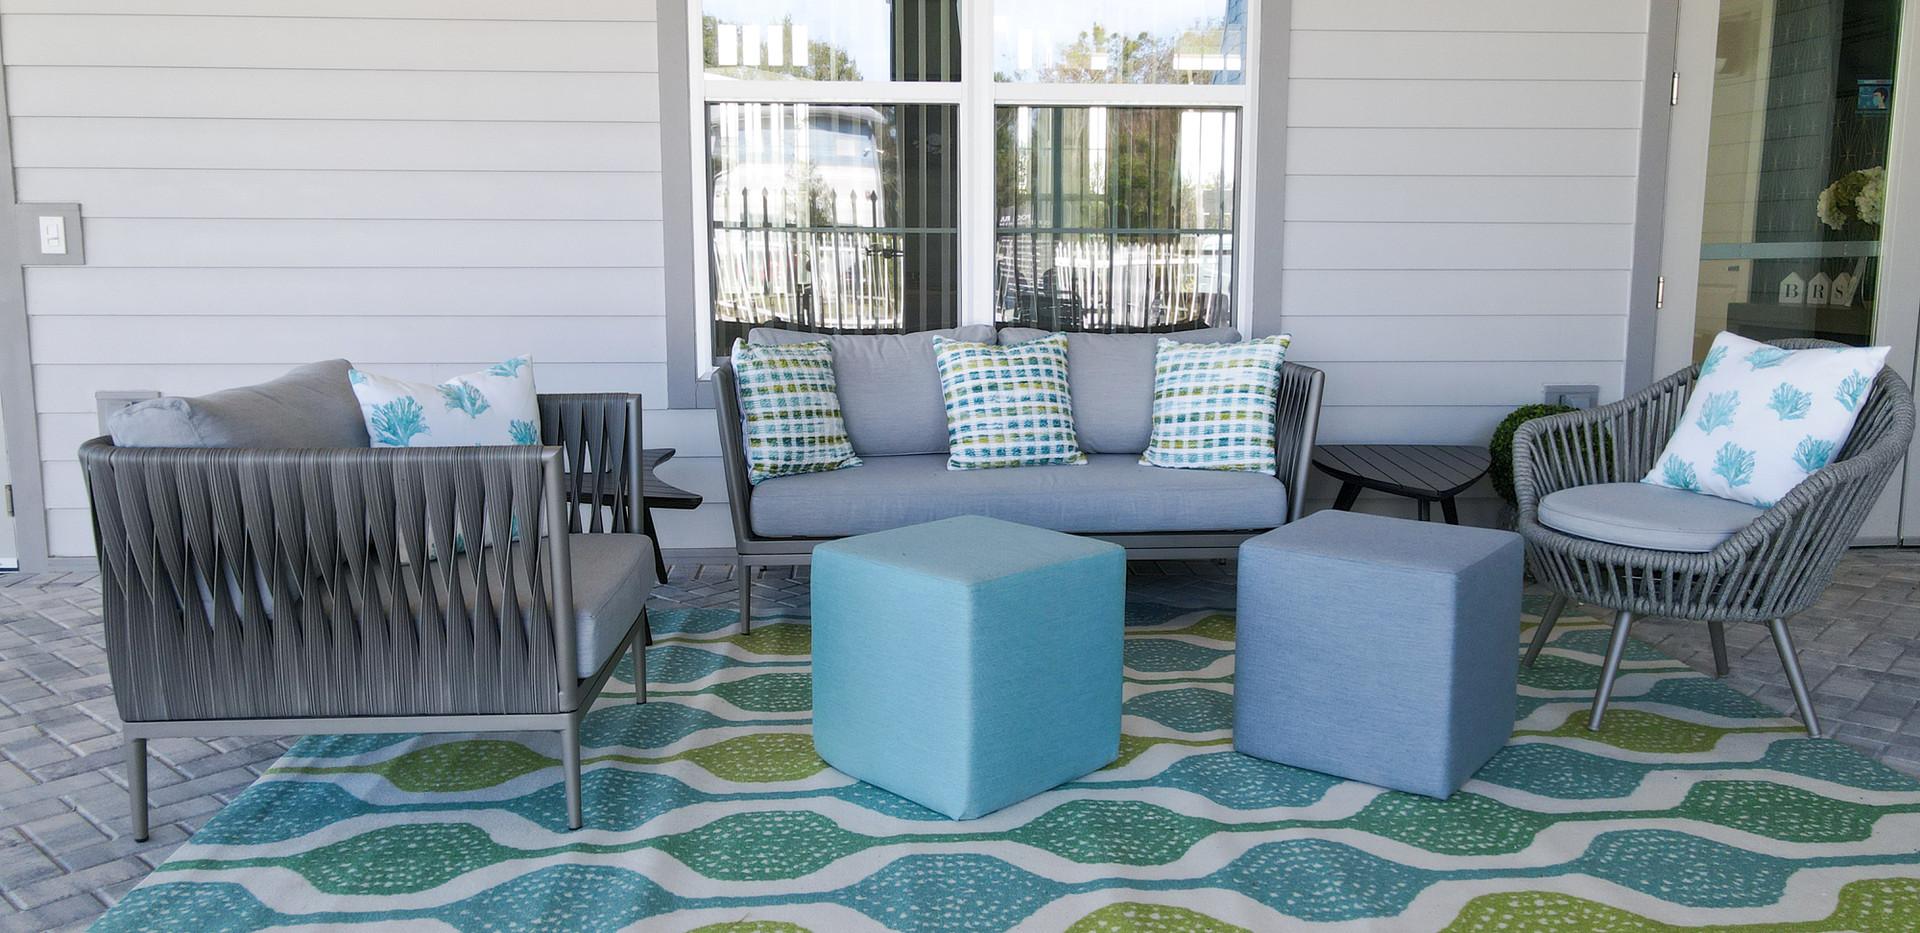 Outdoor patio space